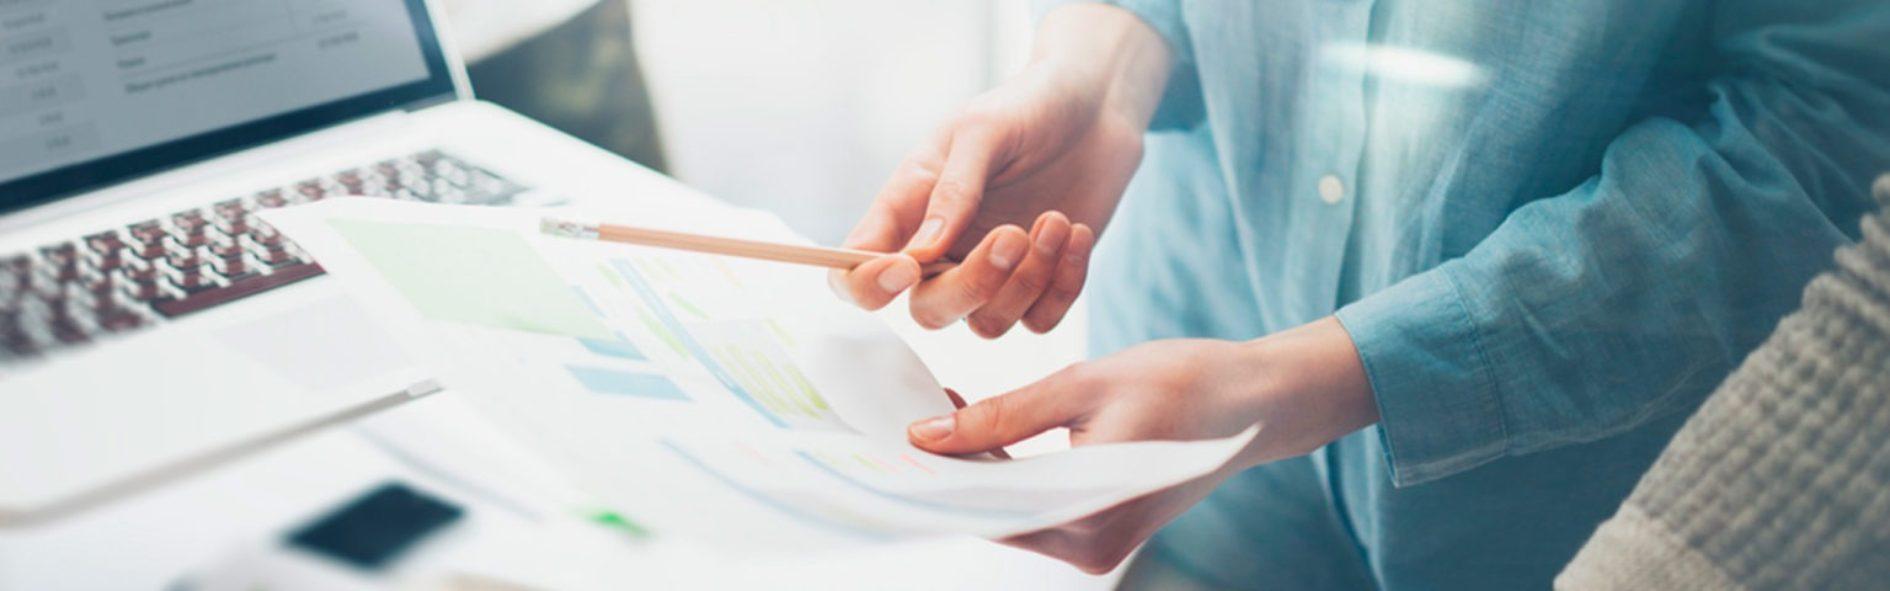 El plan de mercadeo y la importancia que tiene para las empresas